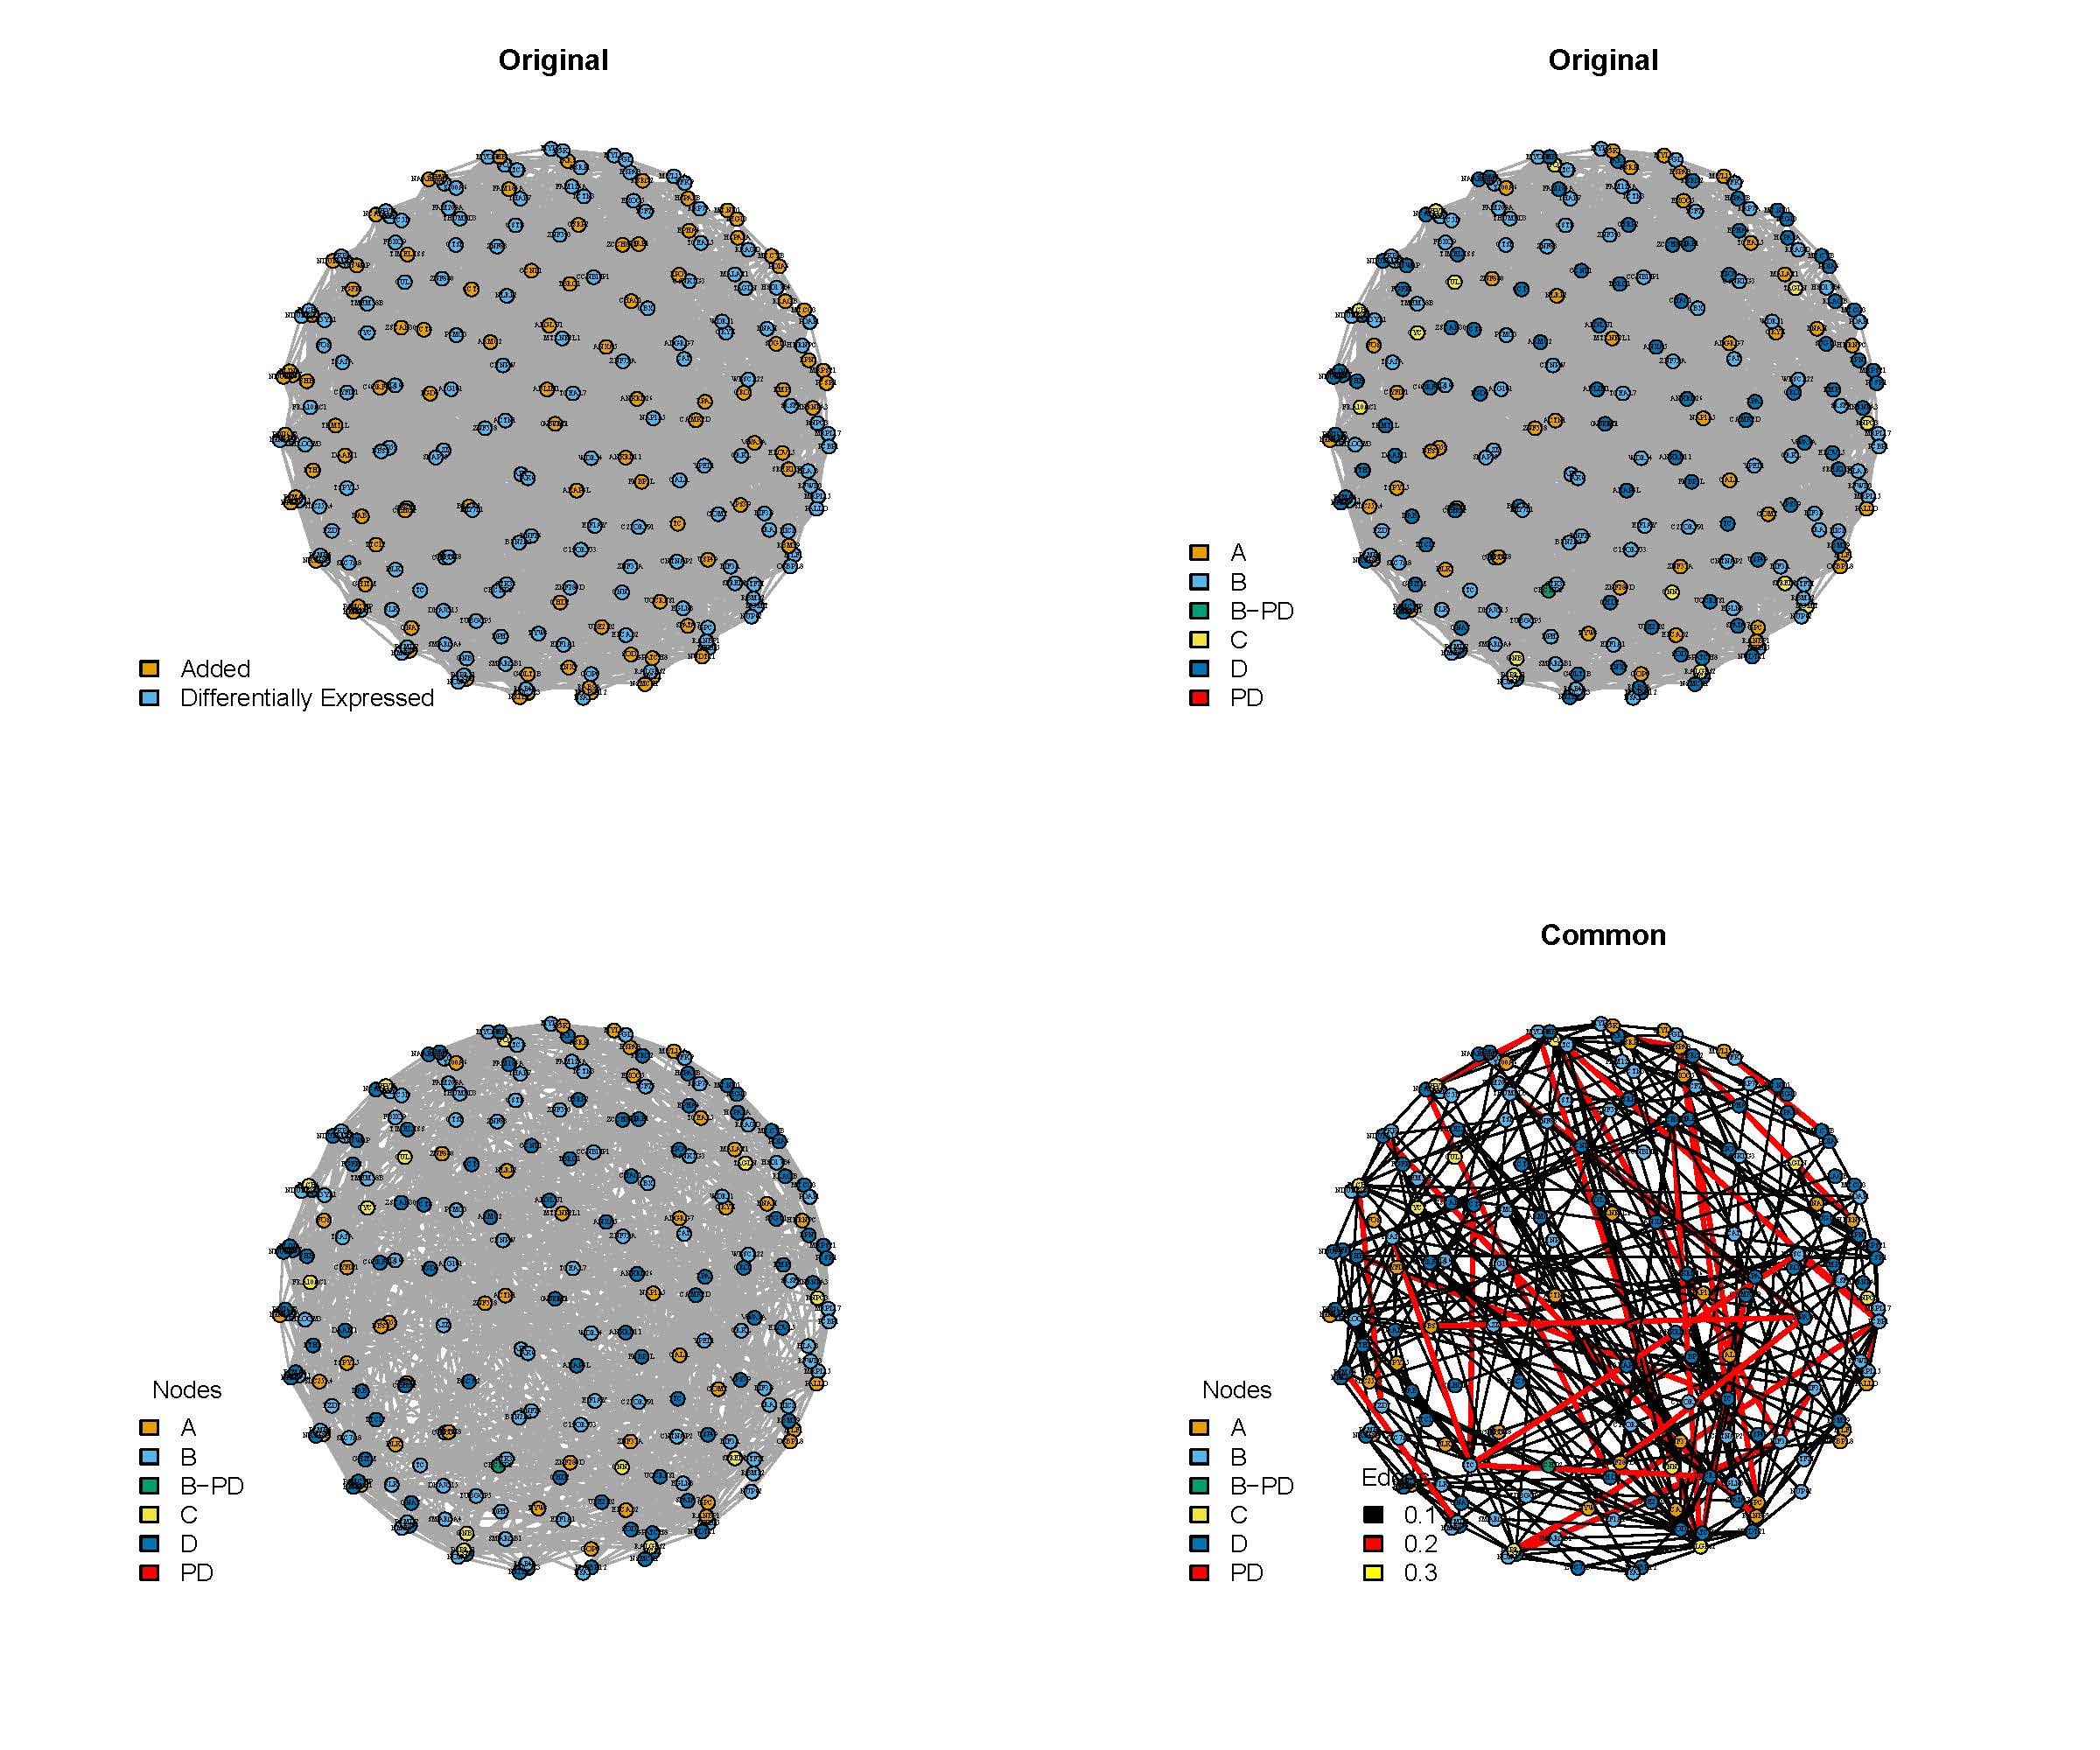 Figures/Network_DE_only.jpg